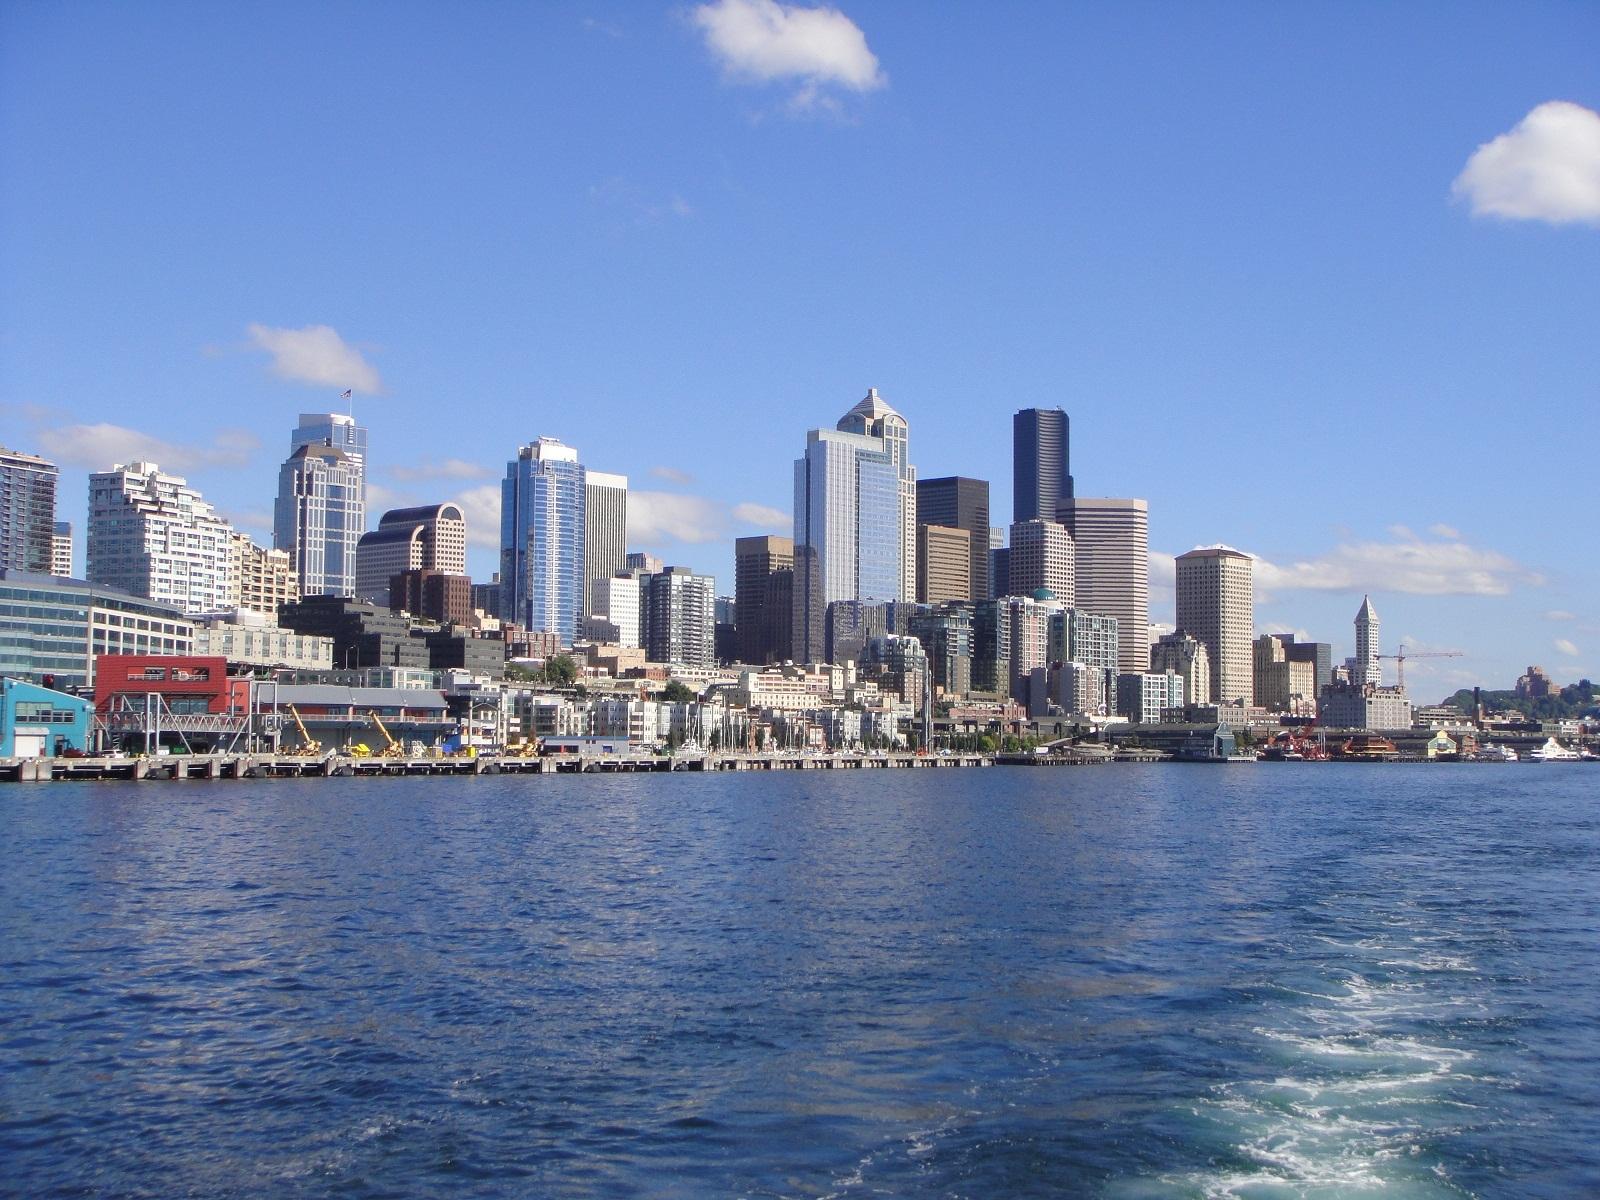 旅行达人说:西雅图要酱紫玩!